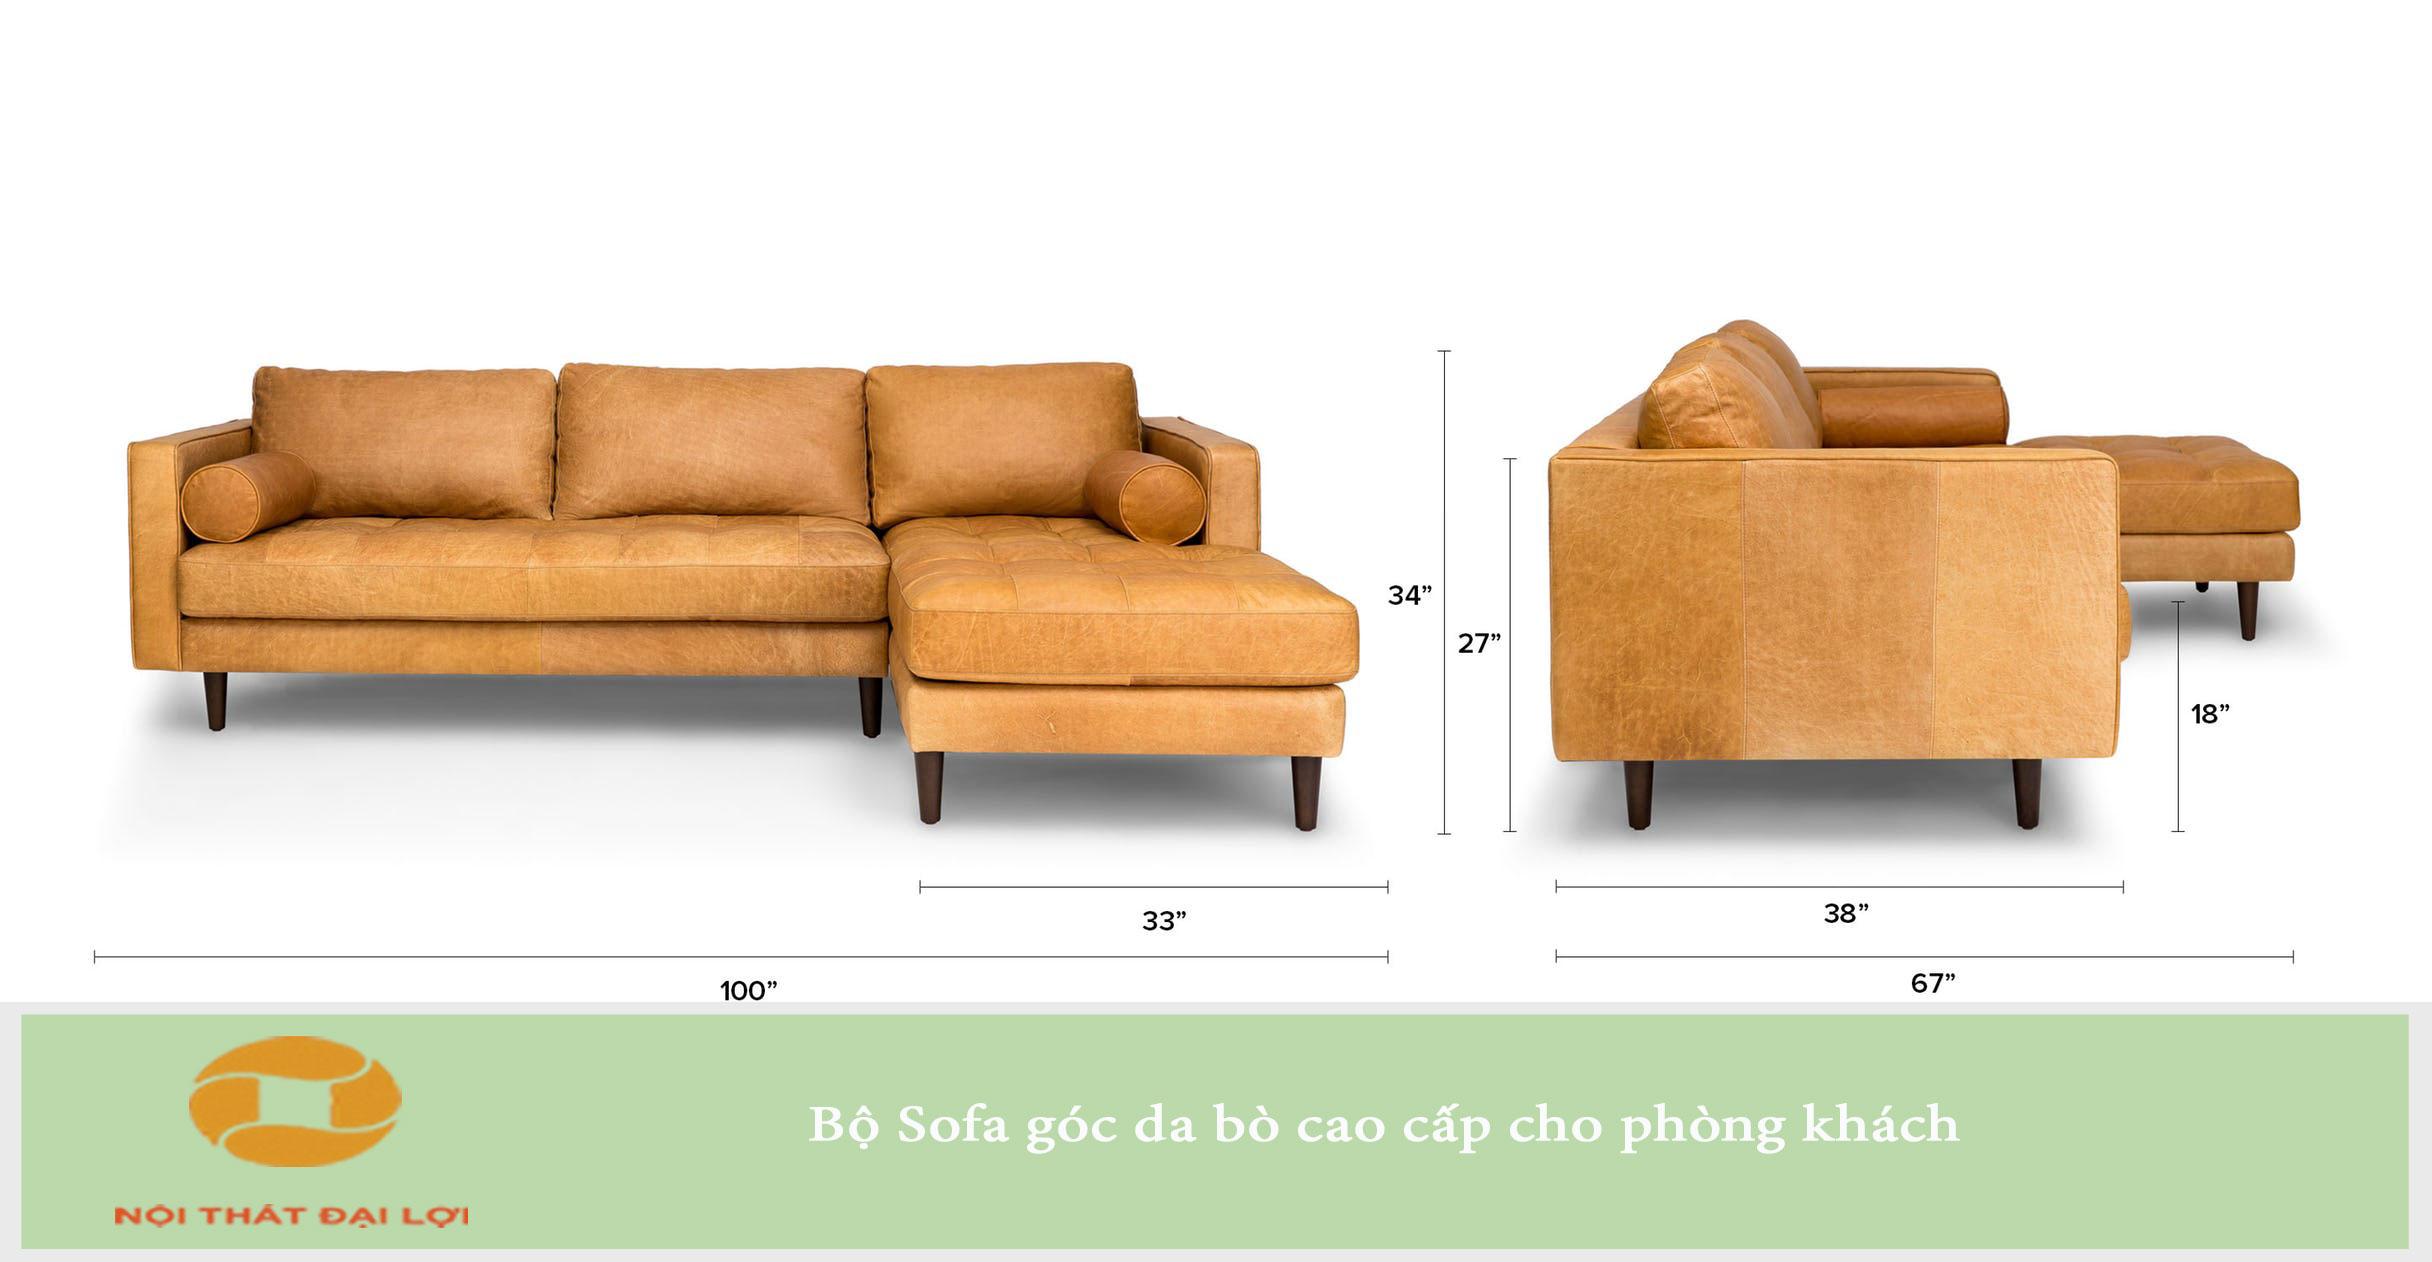 Mẫu 3 - Sofa góc da bò tuyệt đẹp cho phòng khách sang trọng